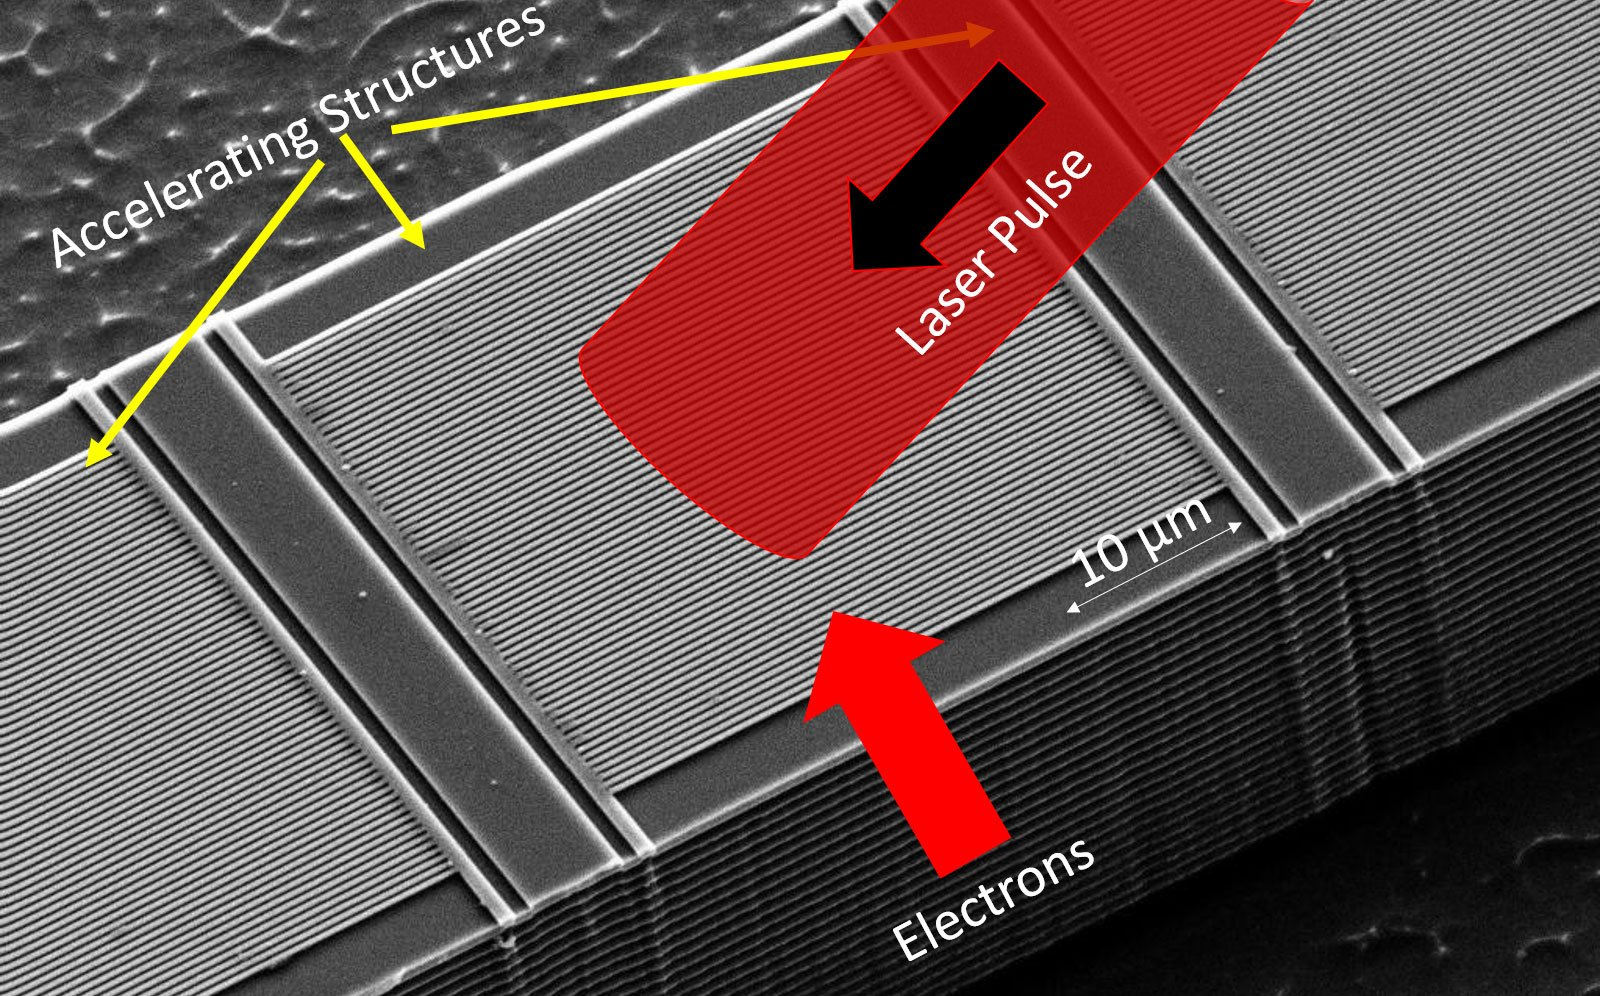 Die Abbildung zeigt die Struktur des Teilchenbeschleunigers auf einem Mikrochip: Die Elektronen werden extrem nah an einer mikrostrukturierten Glasstruktur (gelbe Pfeile) entlanggeschossen. Von der Seite werden durch die feine Glasstruktur hindurch kurze intensive Laserpulse auf die Elektronen fokussiert, wodurch die Elektronen beschleunigt werden.